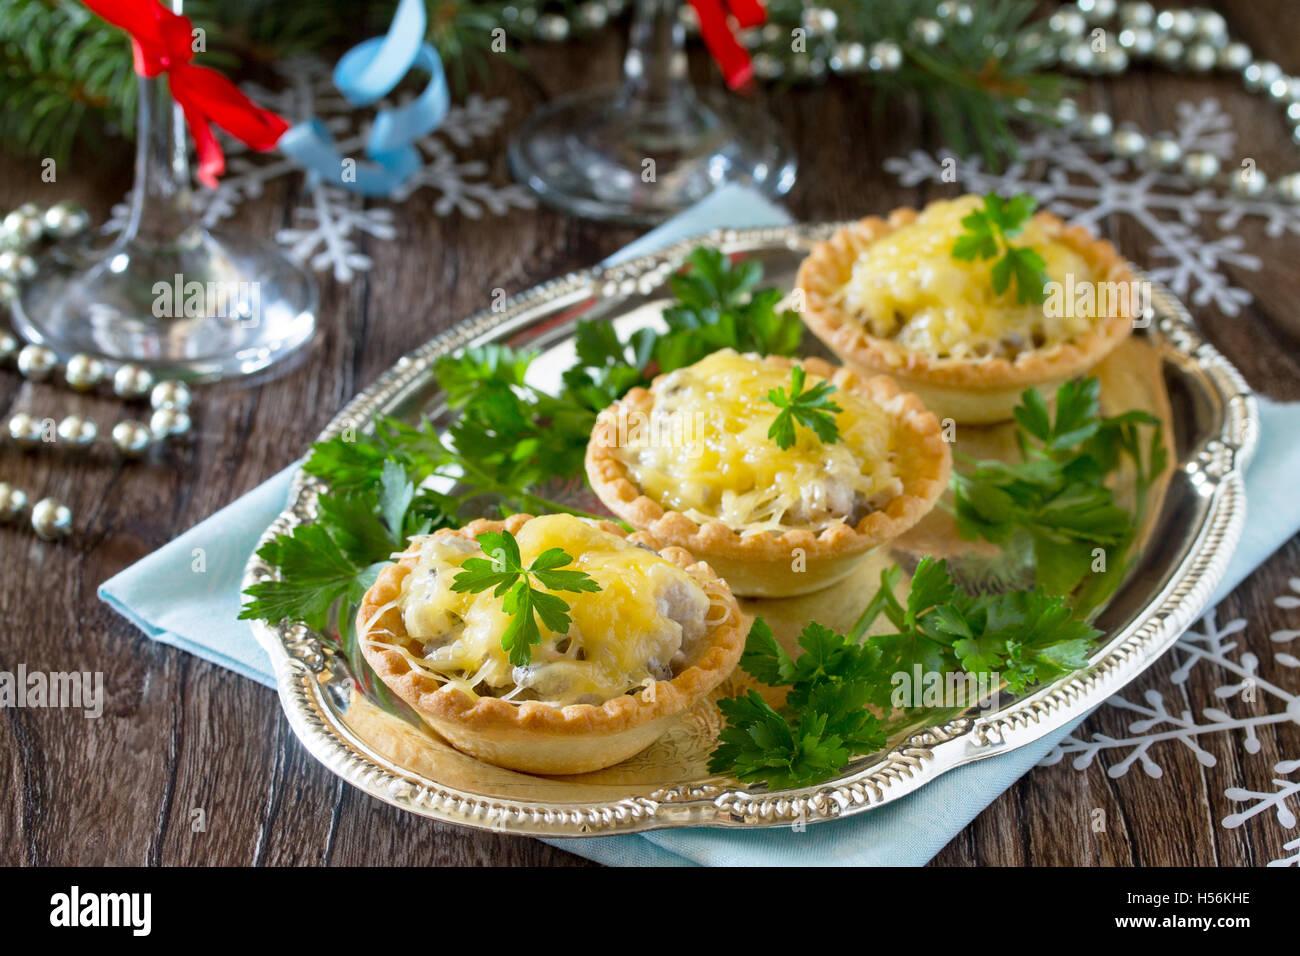 Antipasti Per Natale Di Carne.Holiday Antipasto Canapes Con Funghi E Carne Su Un Celebrativo